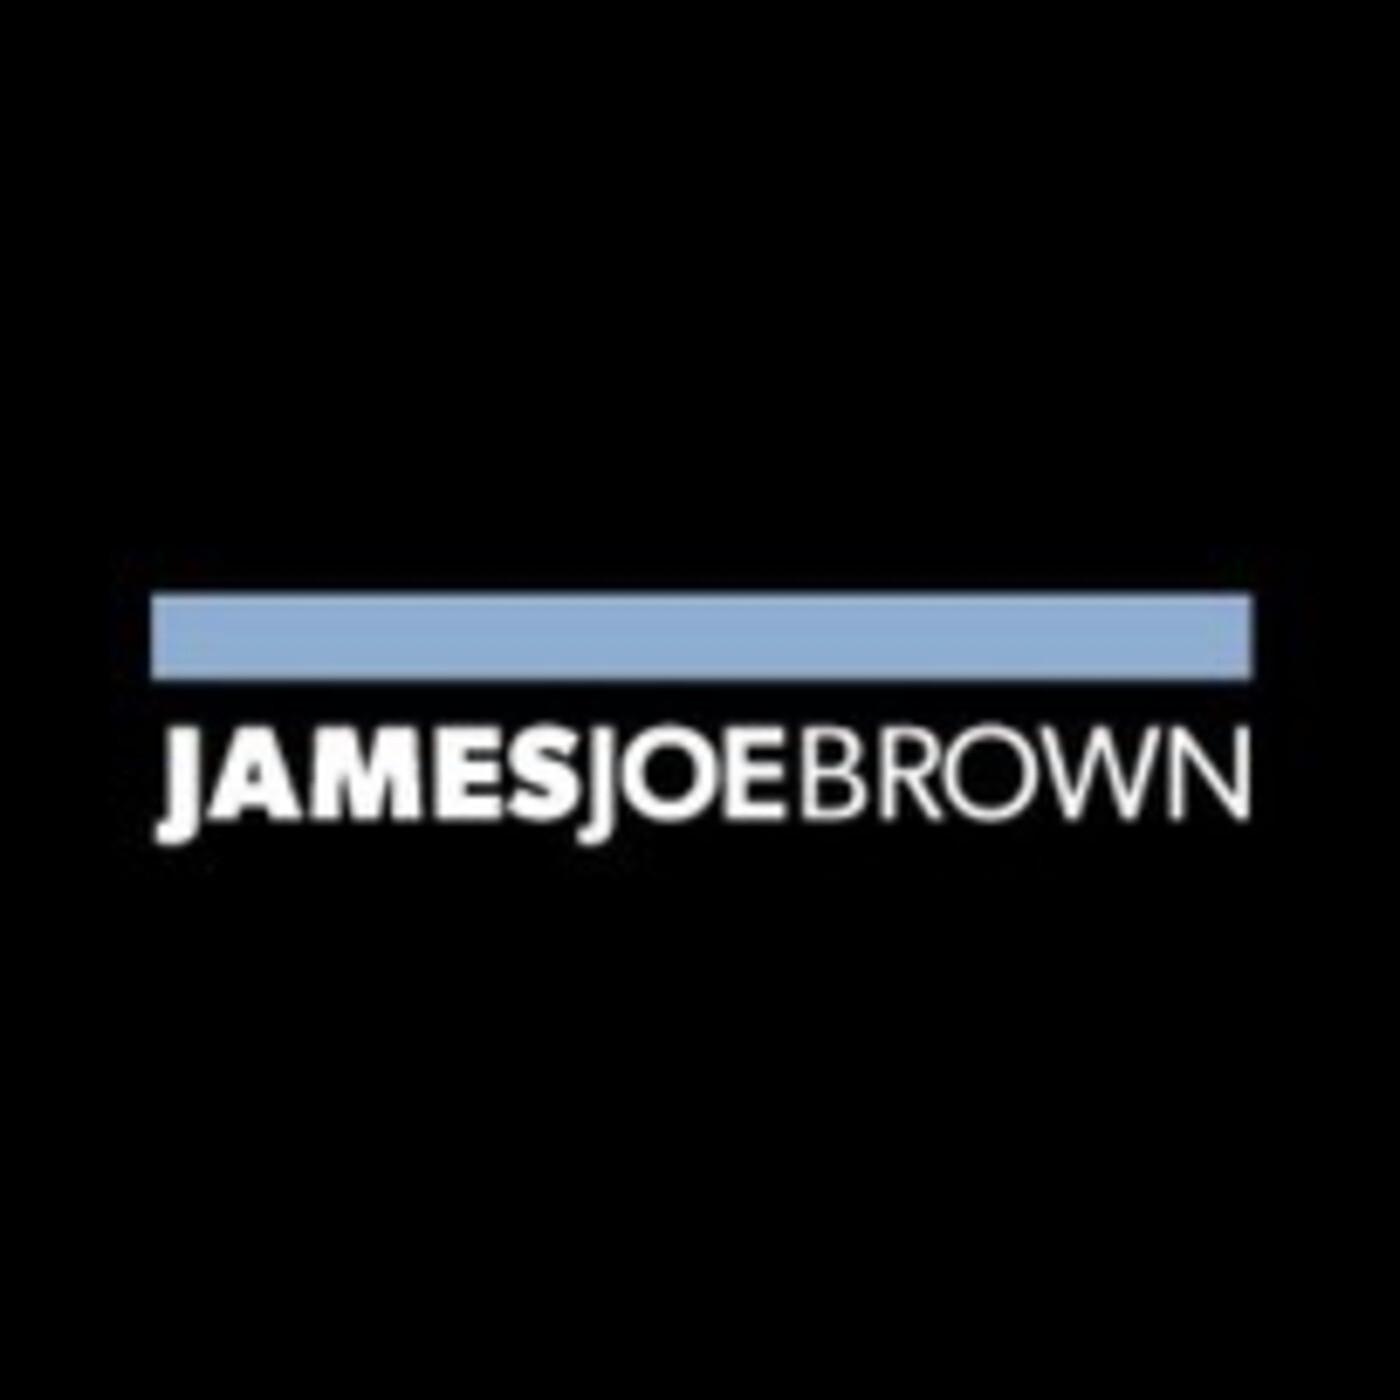 JamesJoeBrown - Mixed Up 7